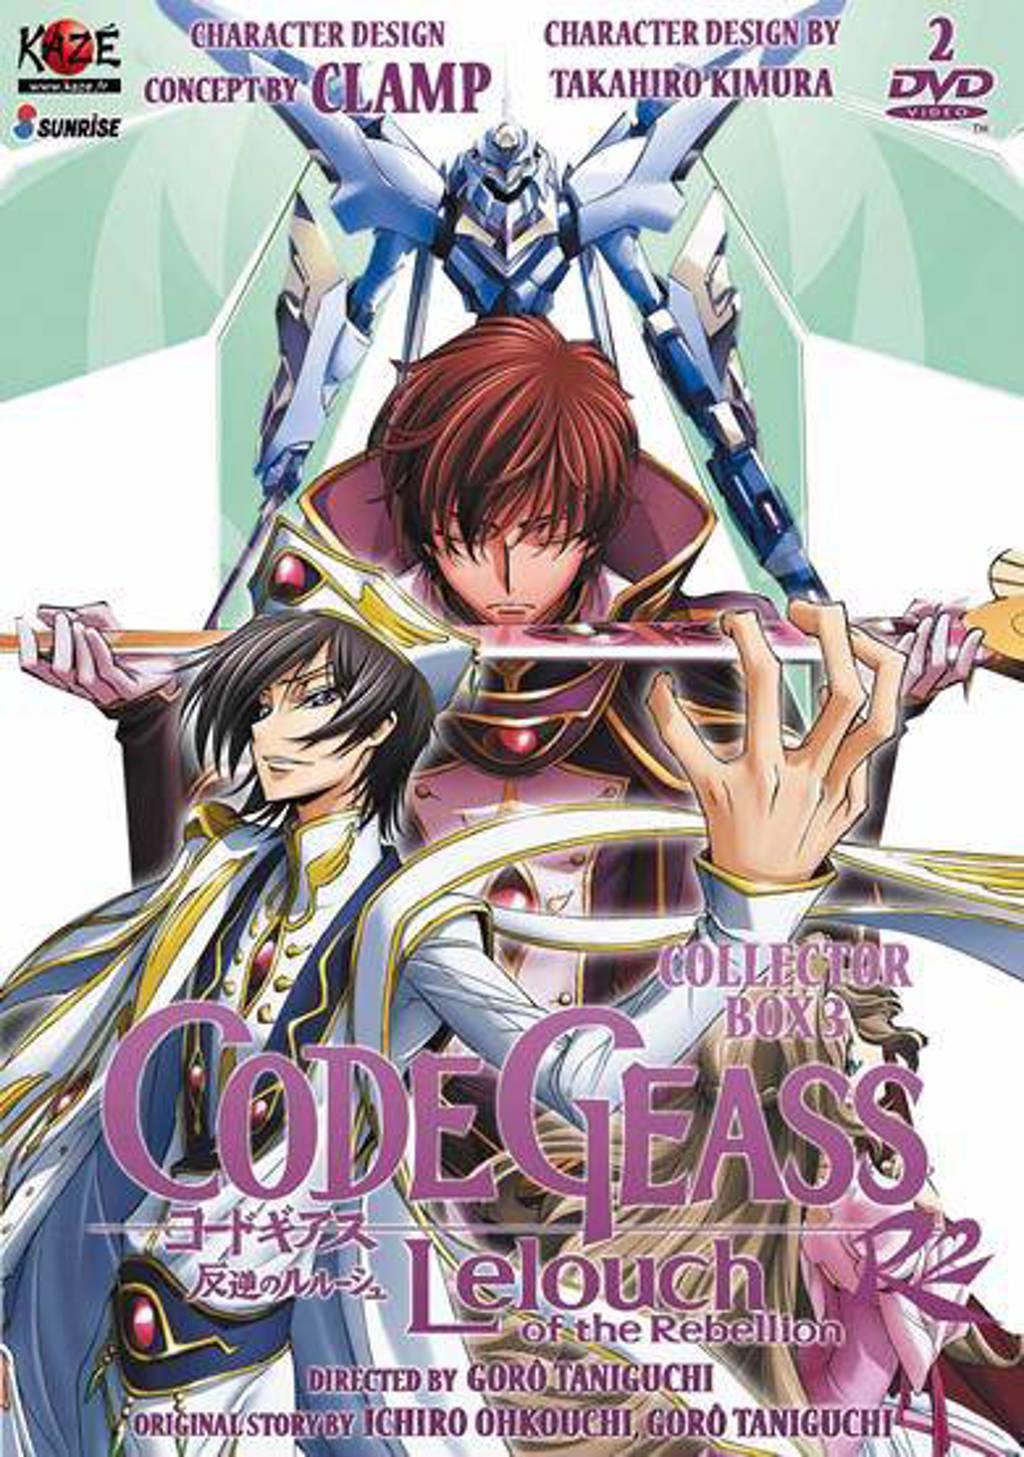 Code geass R2 vol.3 (DVD)